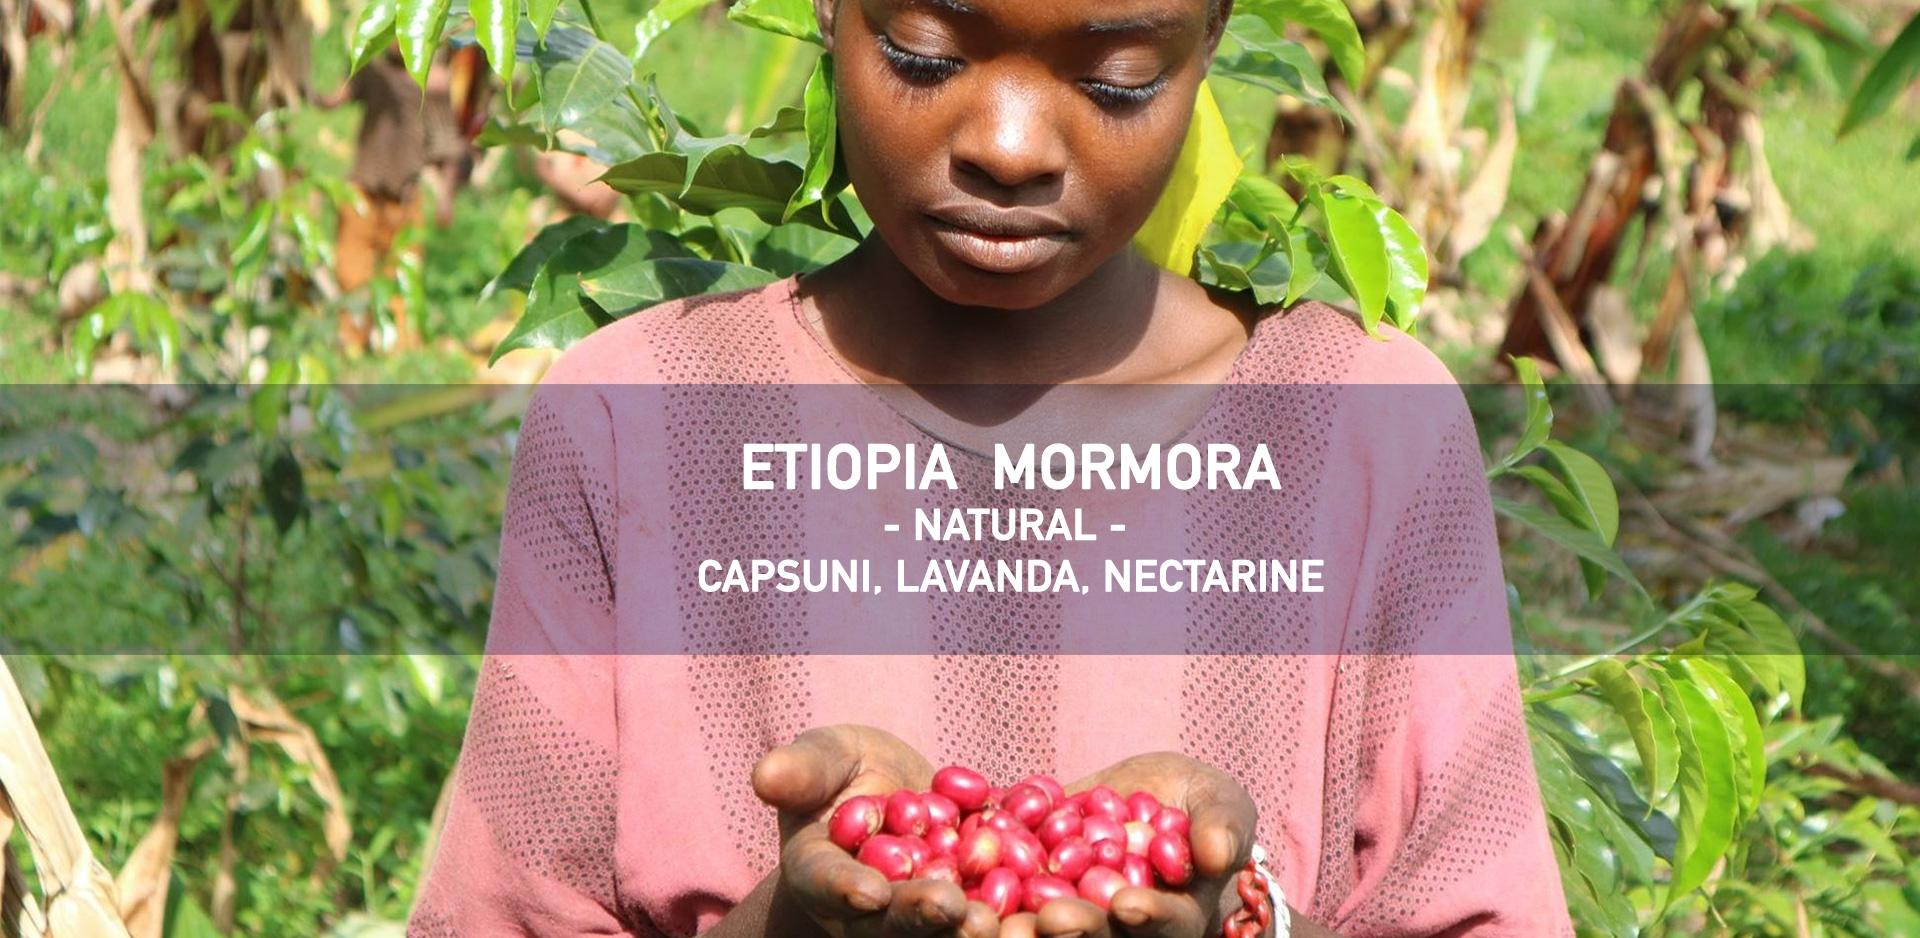 etiopia mormora